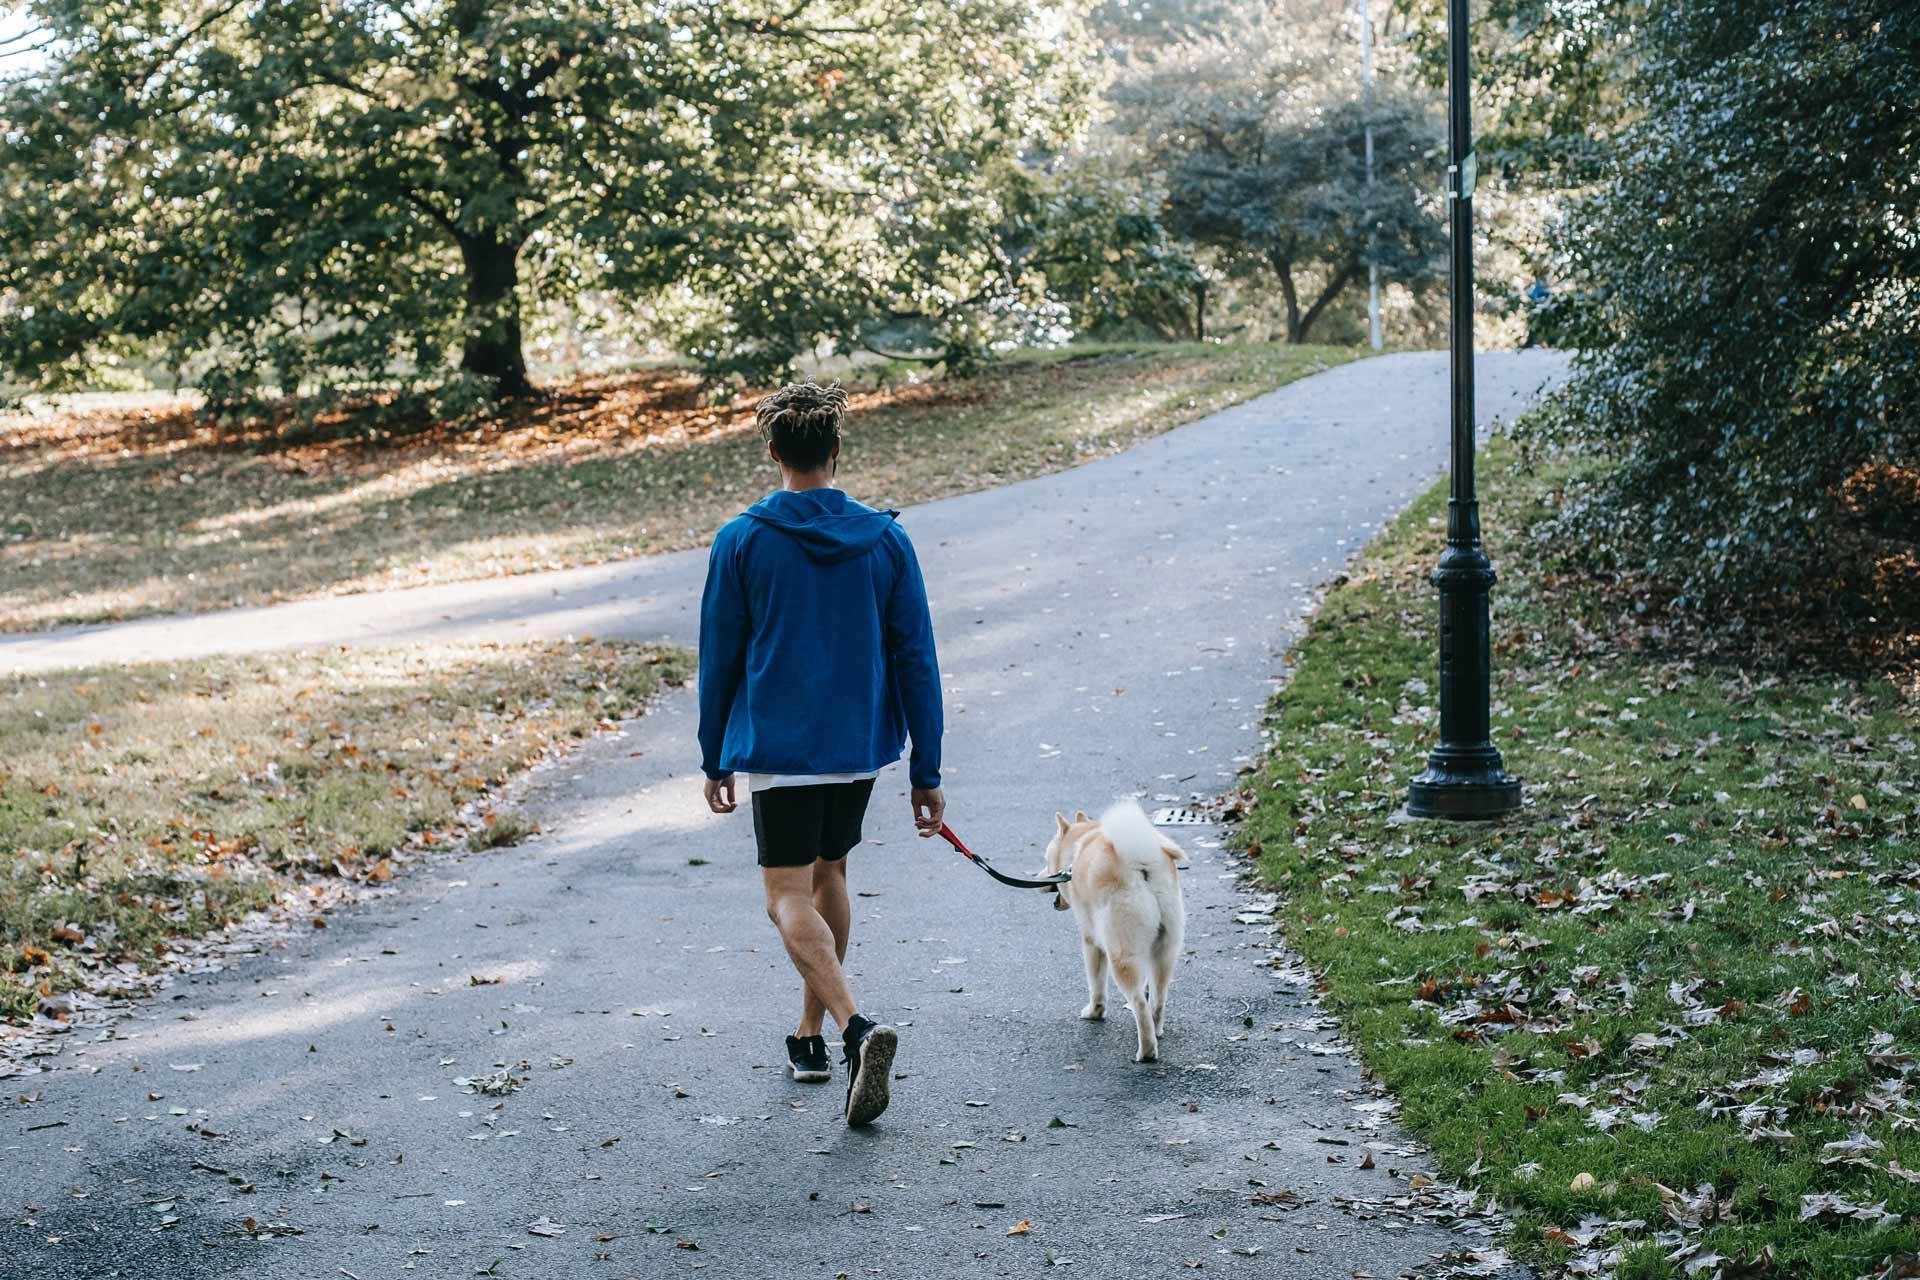 Eine Person läuft mit einem Hund an der Leine durch einen Park